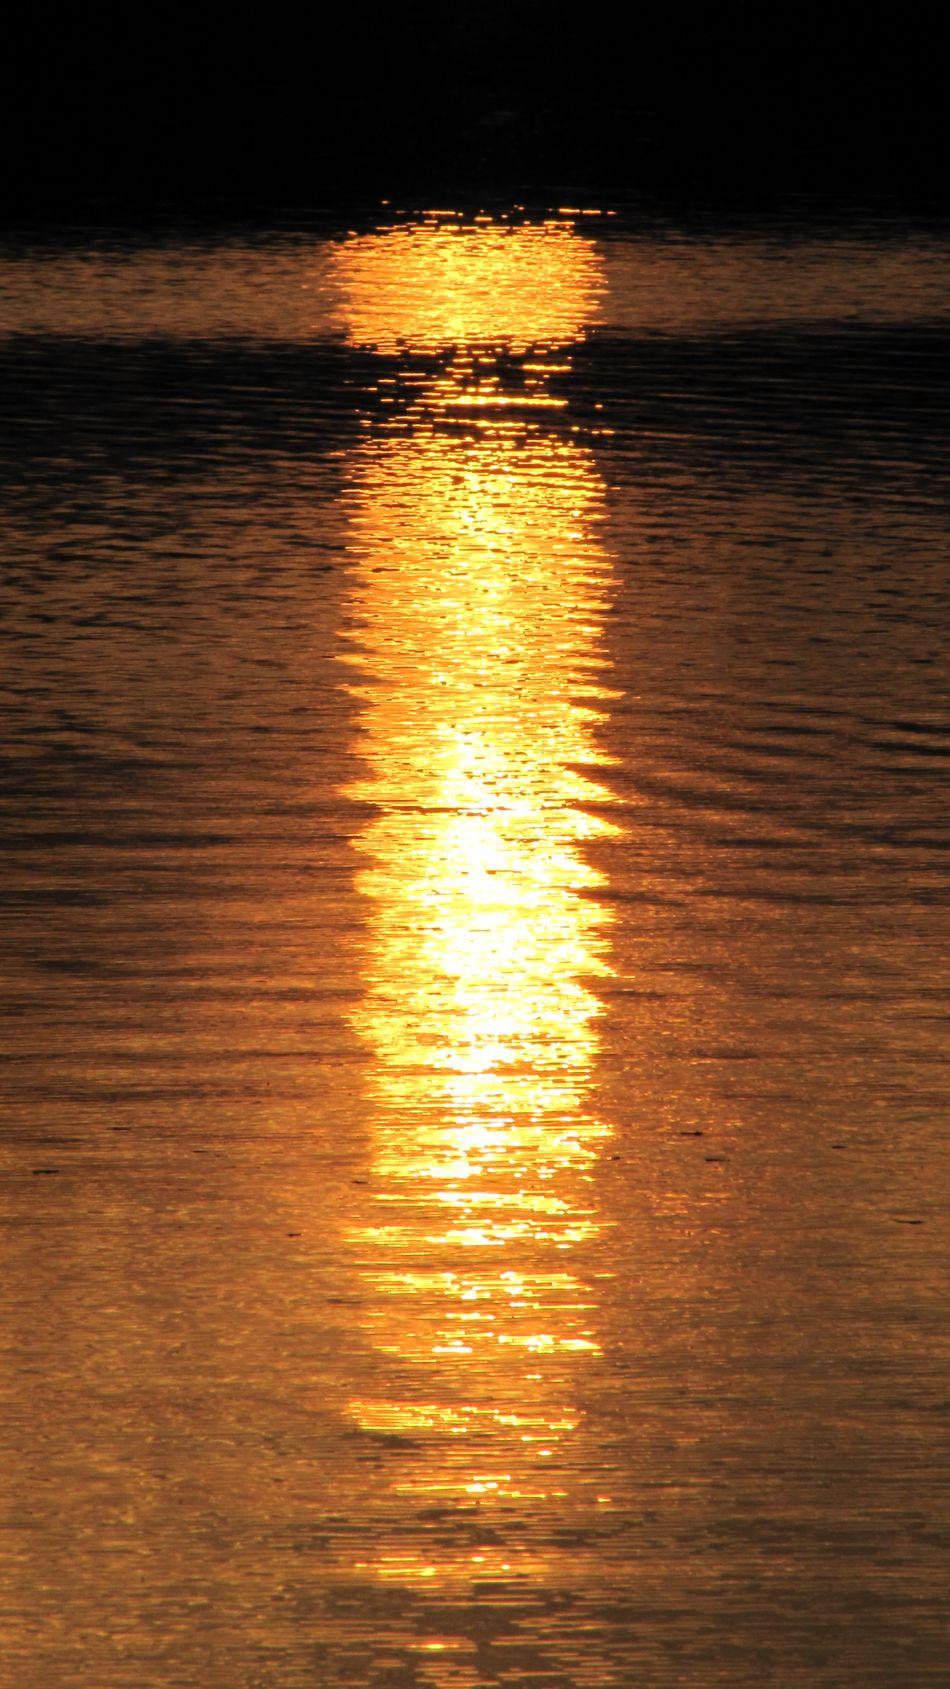 Ripples Sunny Golden Gold Lake рябь солнце золото озеро Glitch